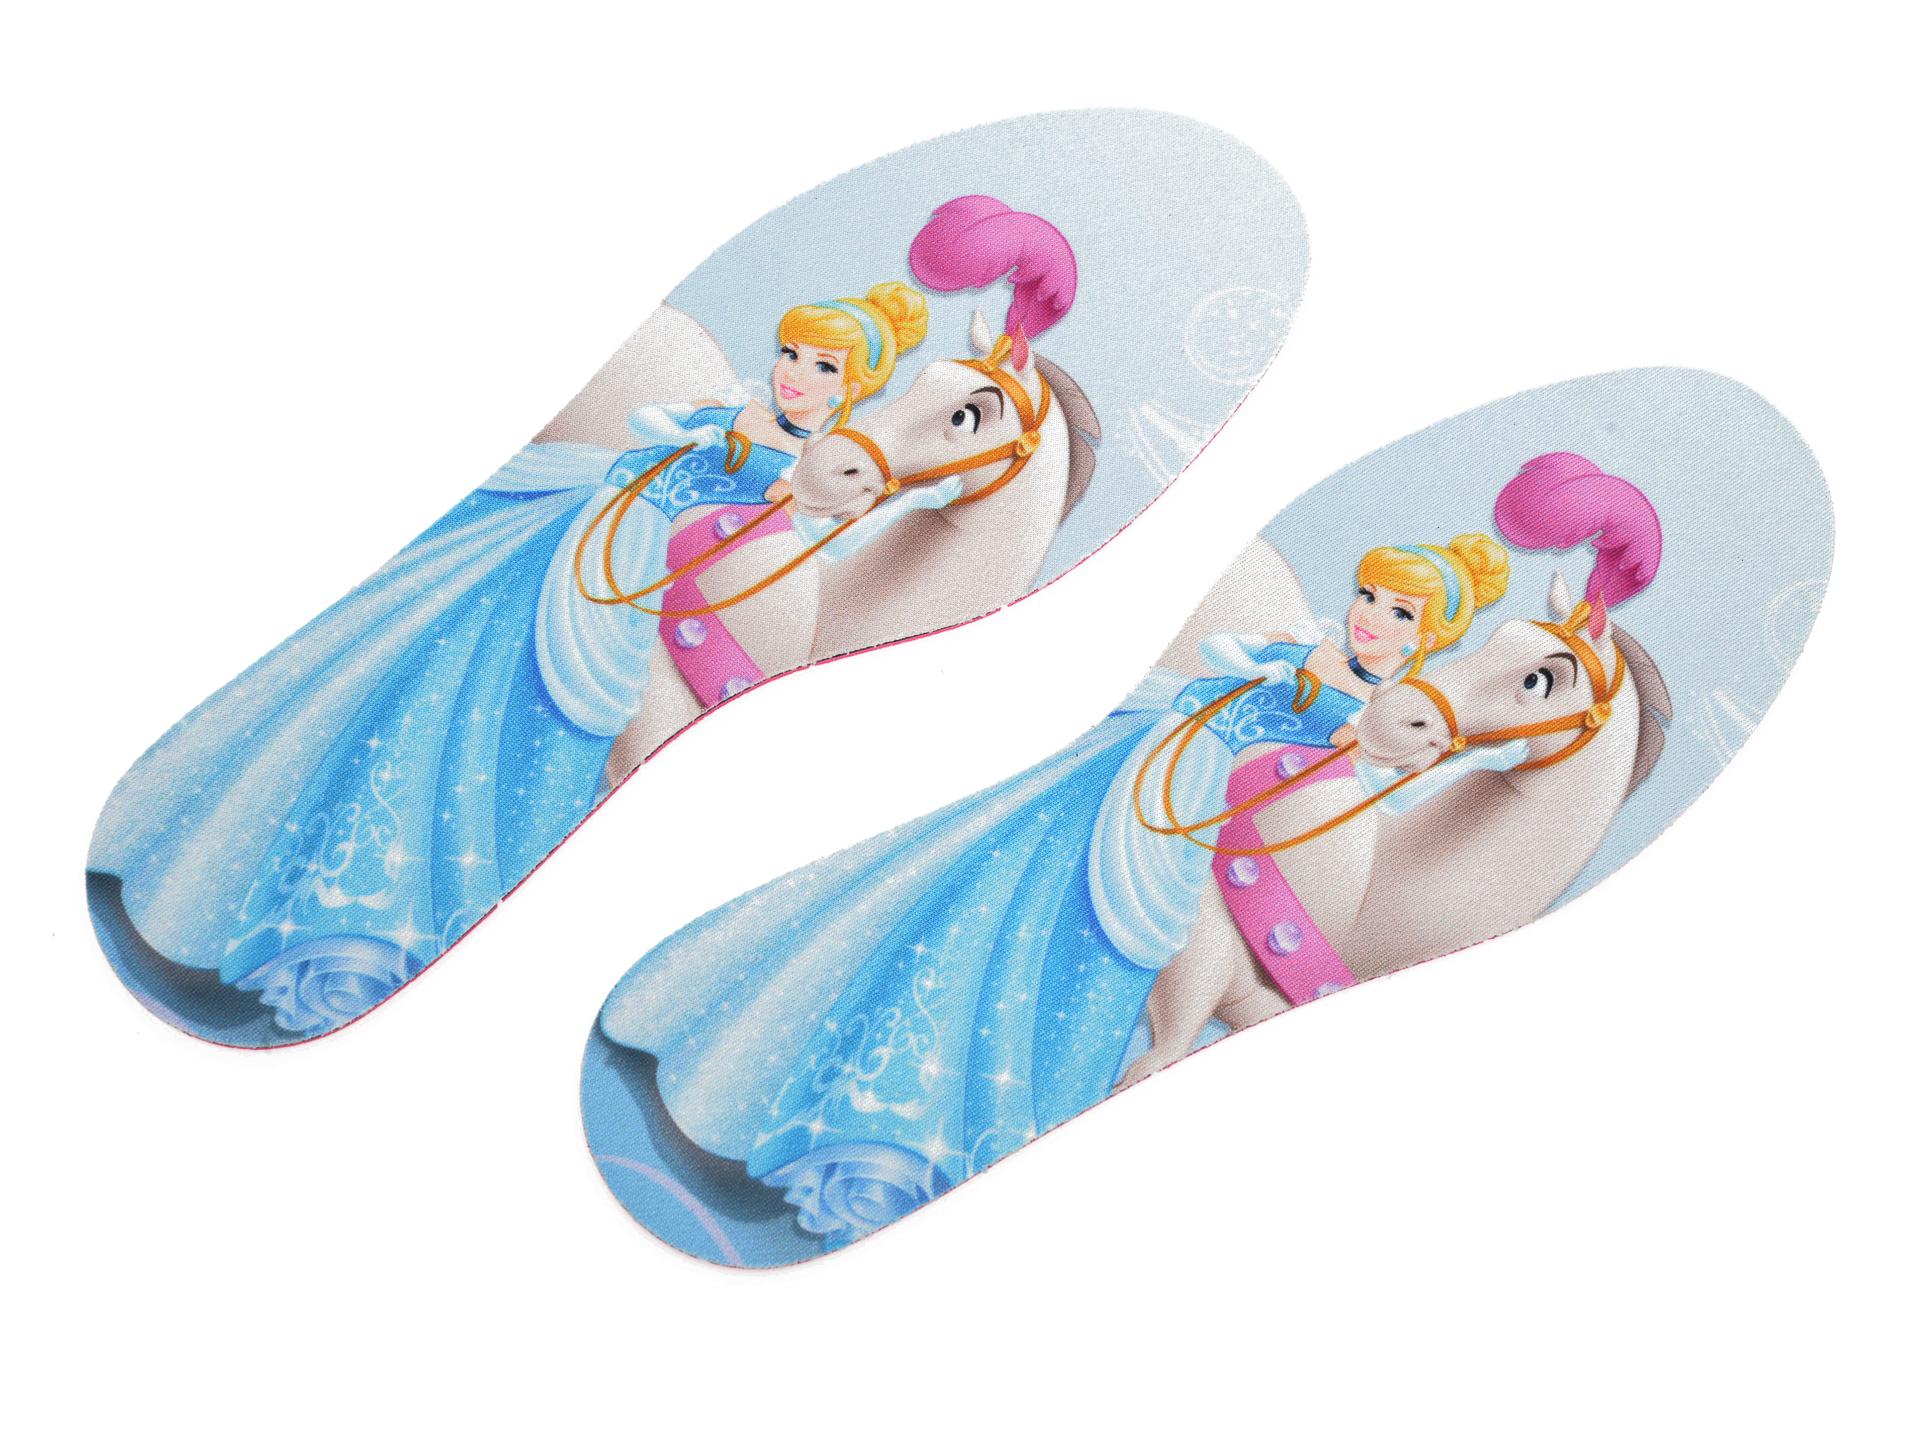 Brant latex Disney Pricess fetita imagine